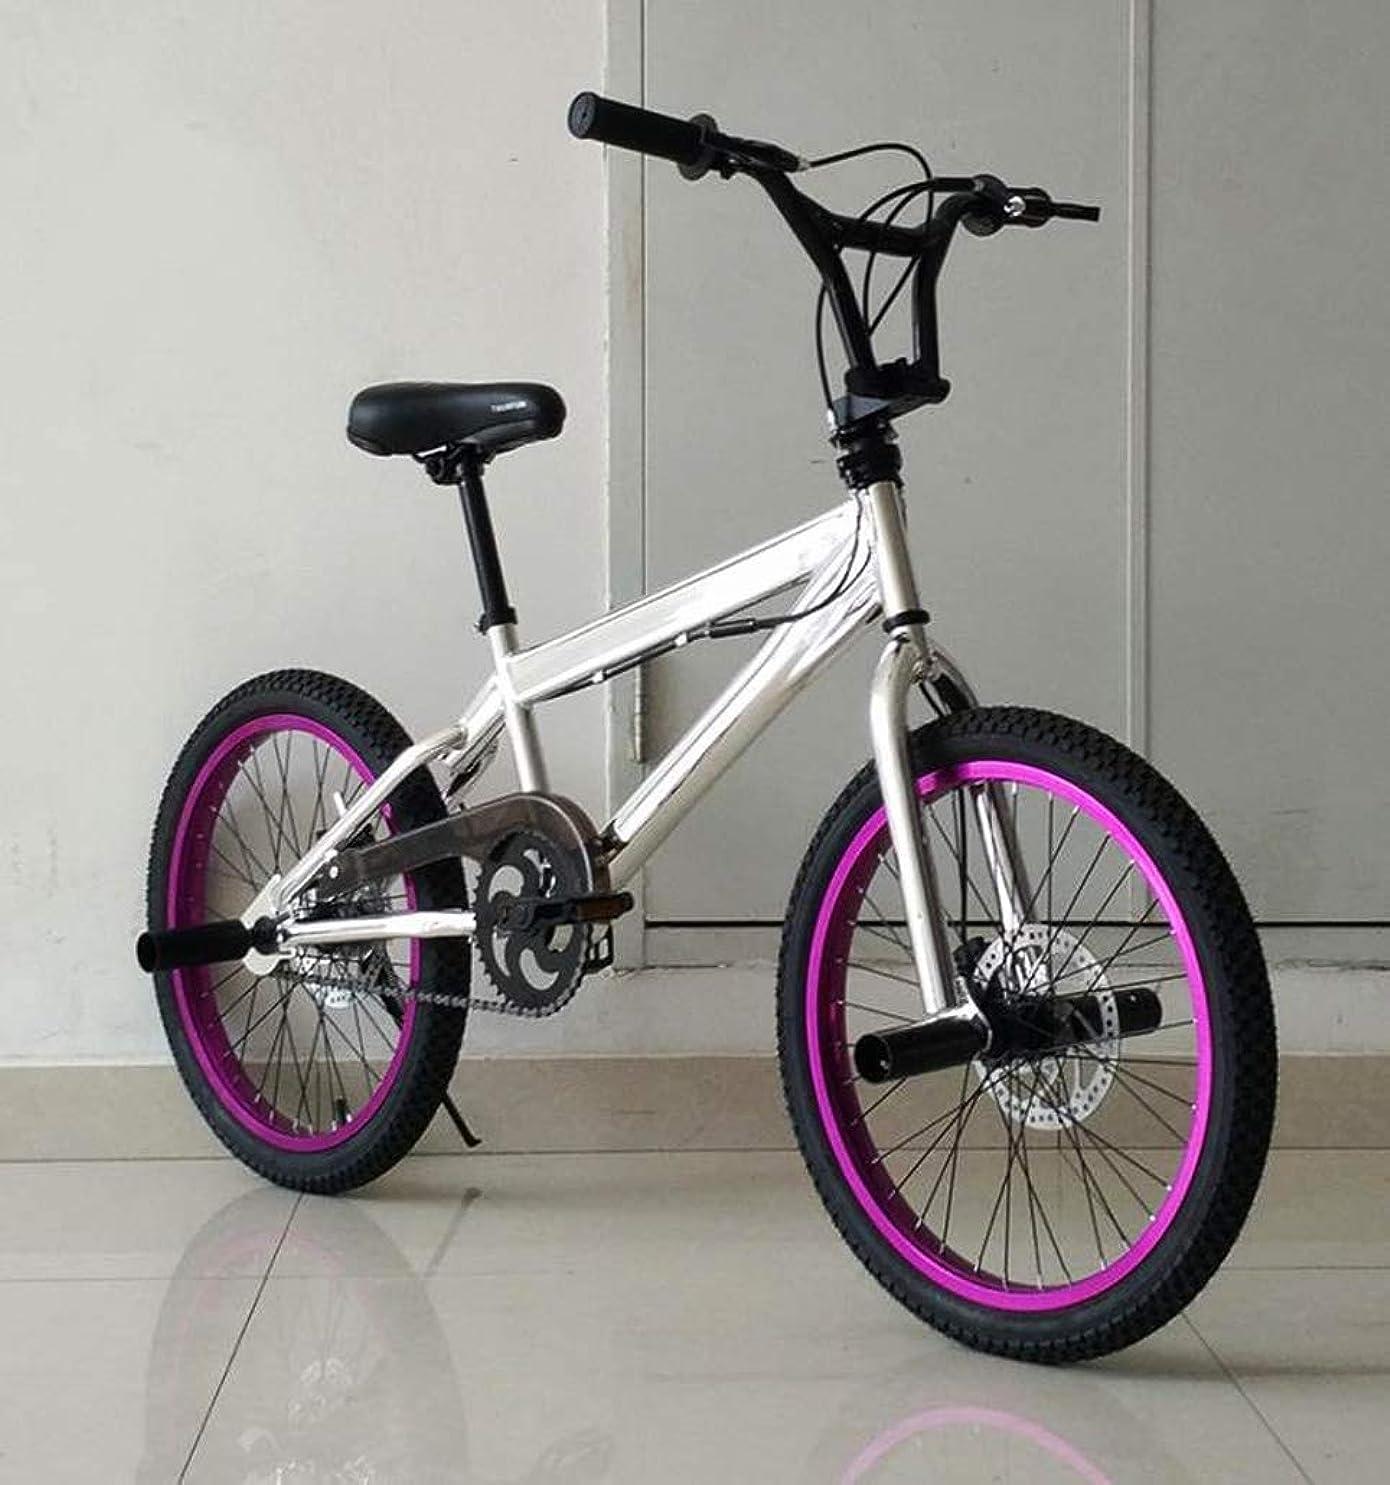 症候群天才うまくやる()BMX 自転車 高度なライダーストリートBMXバイク初心者レベルに適した20インチBMXバイク、スタントアクションファンシーBMX自転車、,J